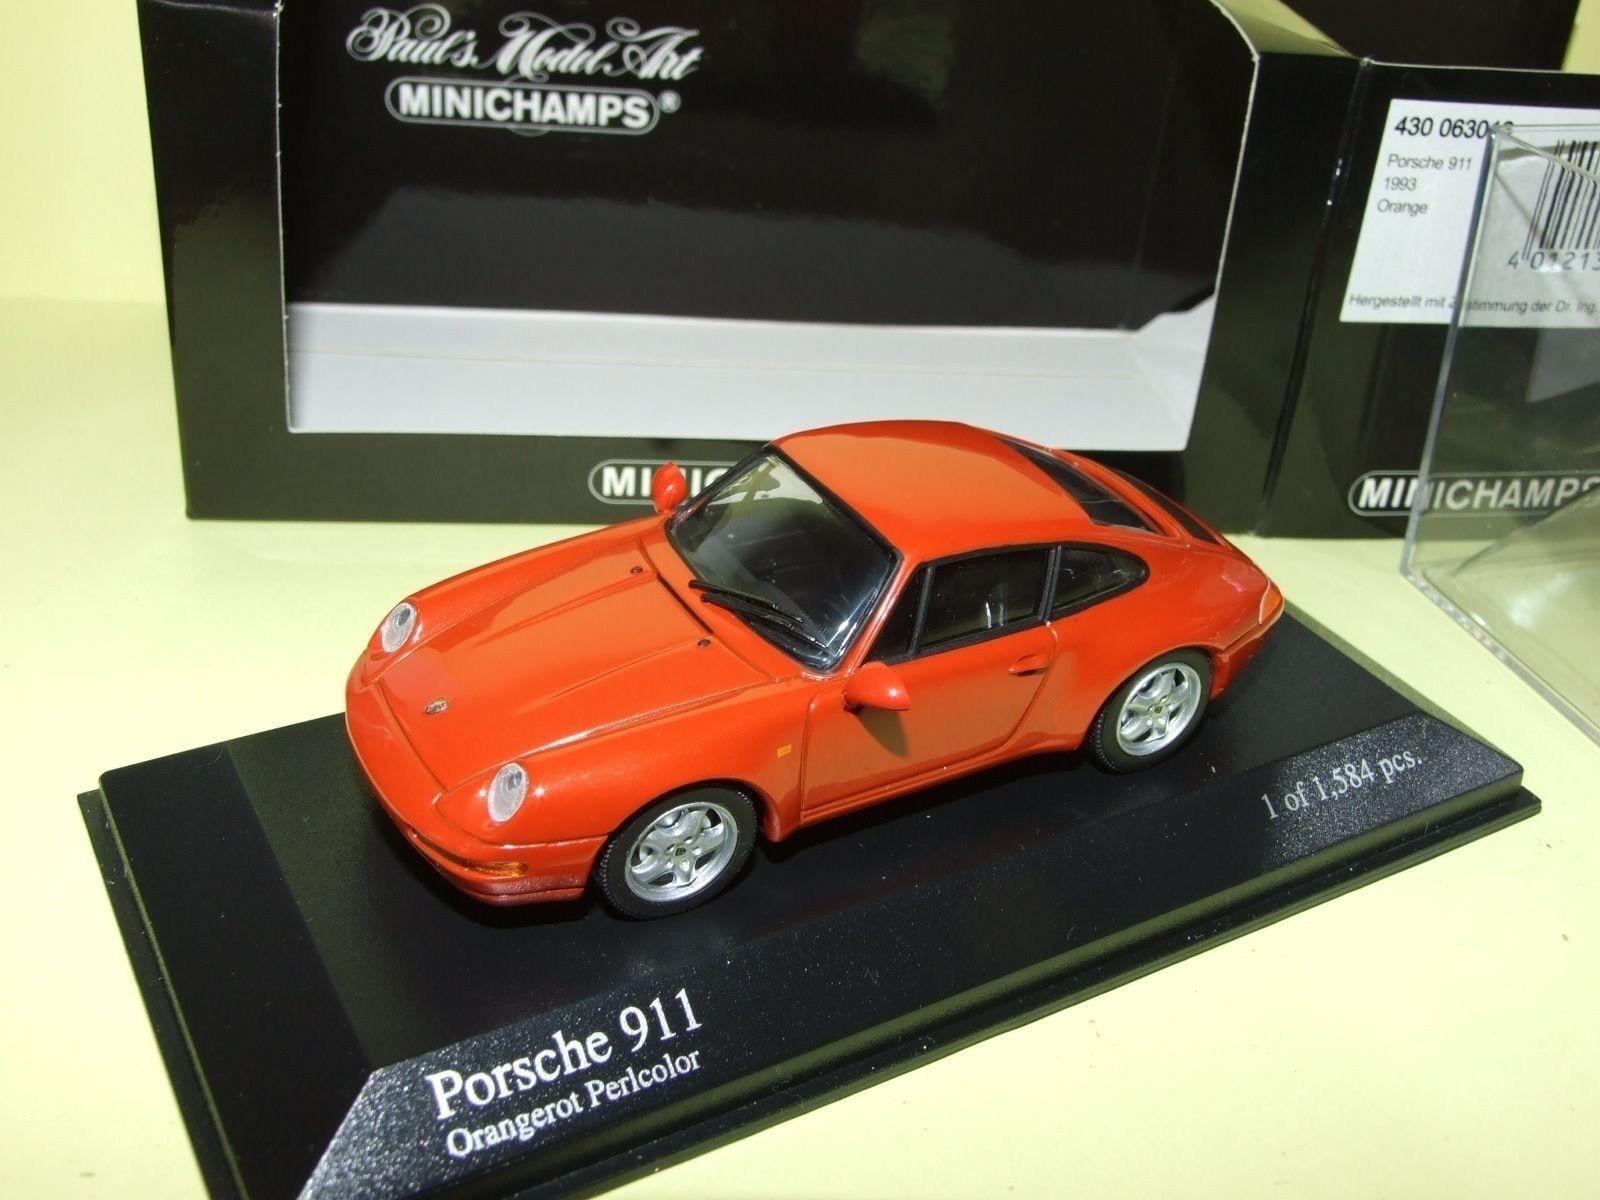 PORSCHE 911 CARRERA 993 1993 orange MINICHAMPS 1 43